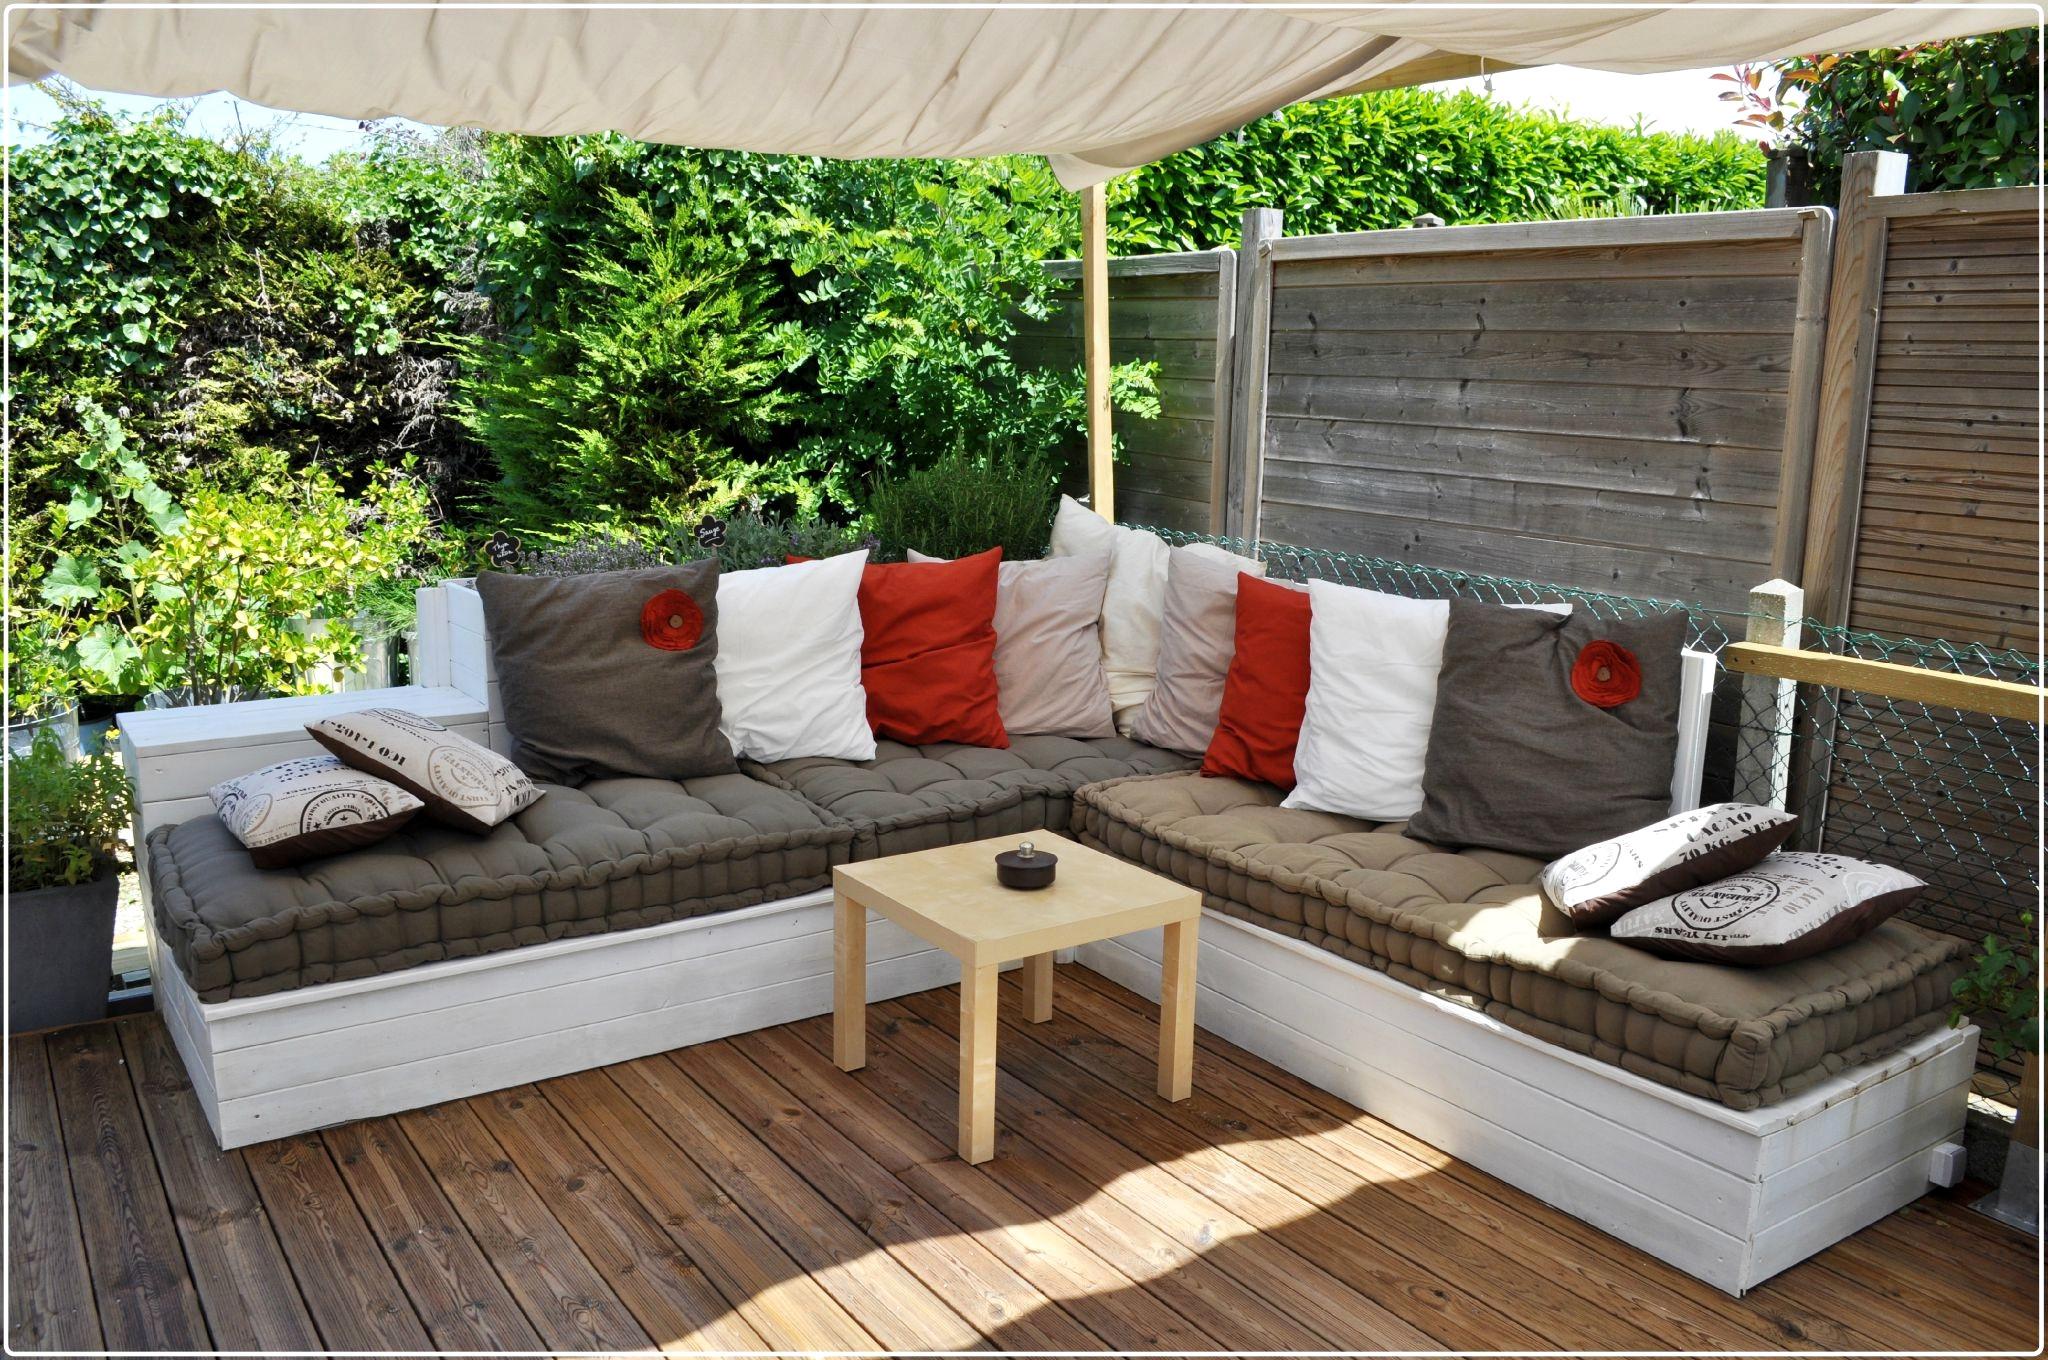 Salon de jardin balcon castorama - Abri de jardin et balancoire idée